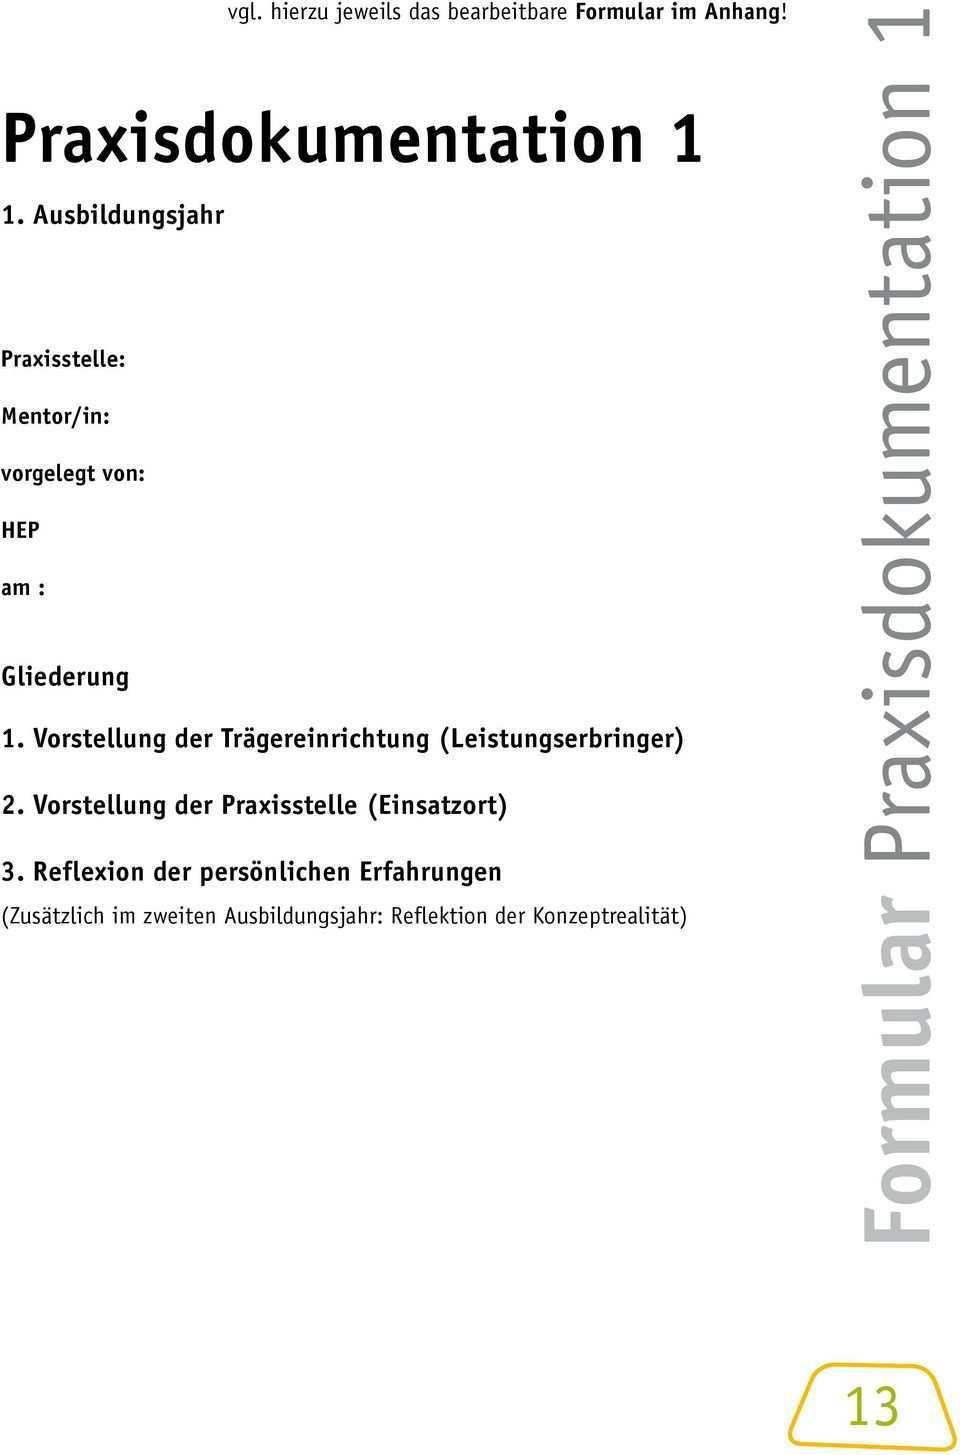 Fur Die Praktische Ausbildung Merkblatter Und Formulare Pdf Kostenfreier Download